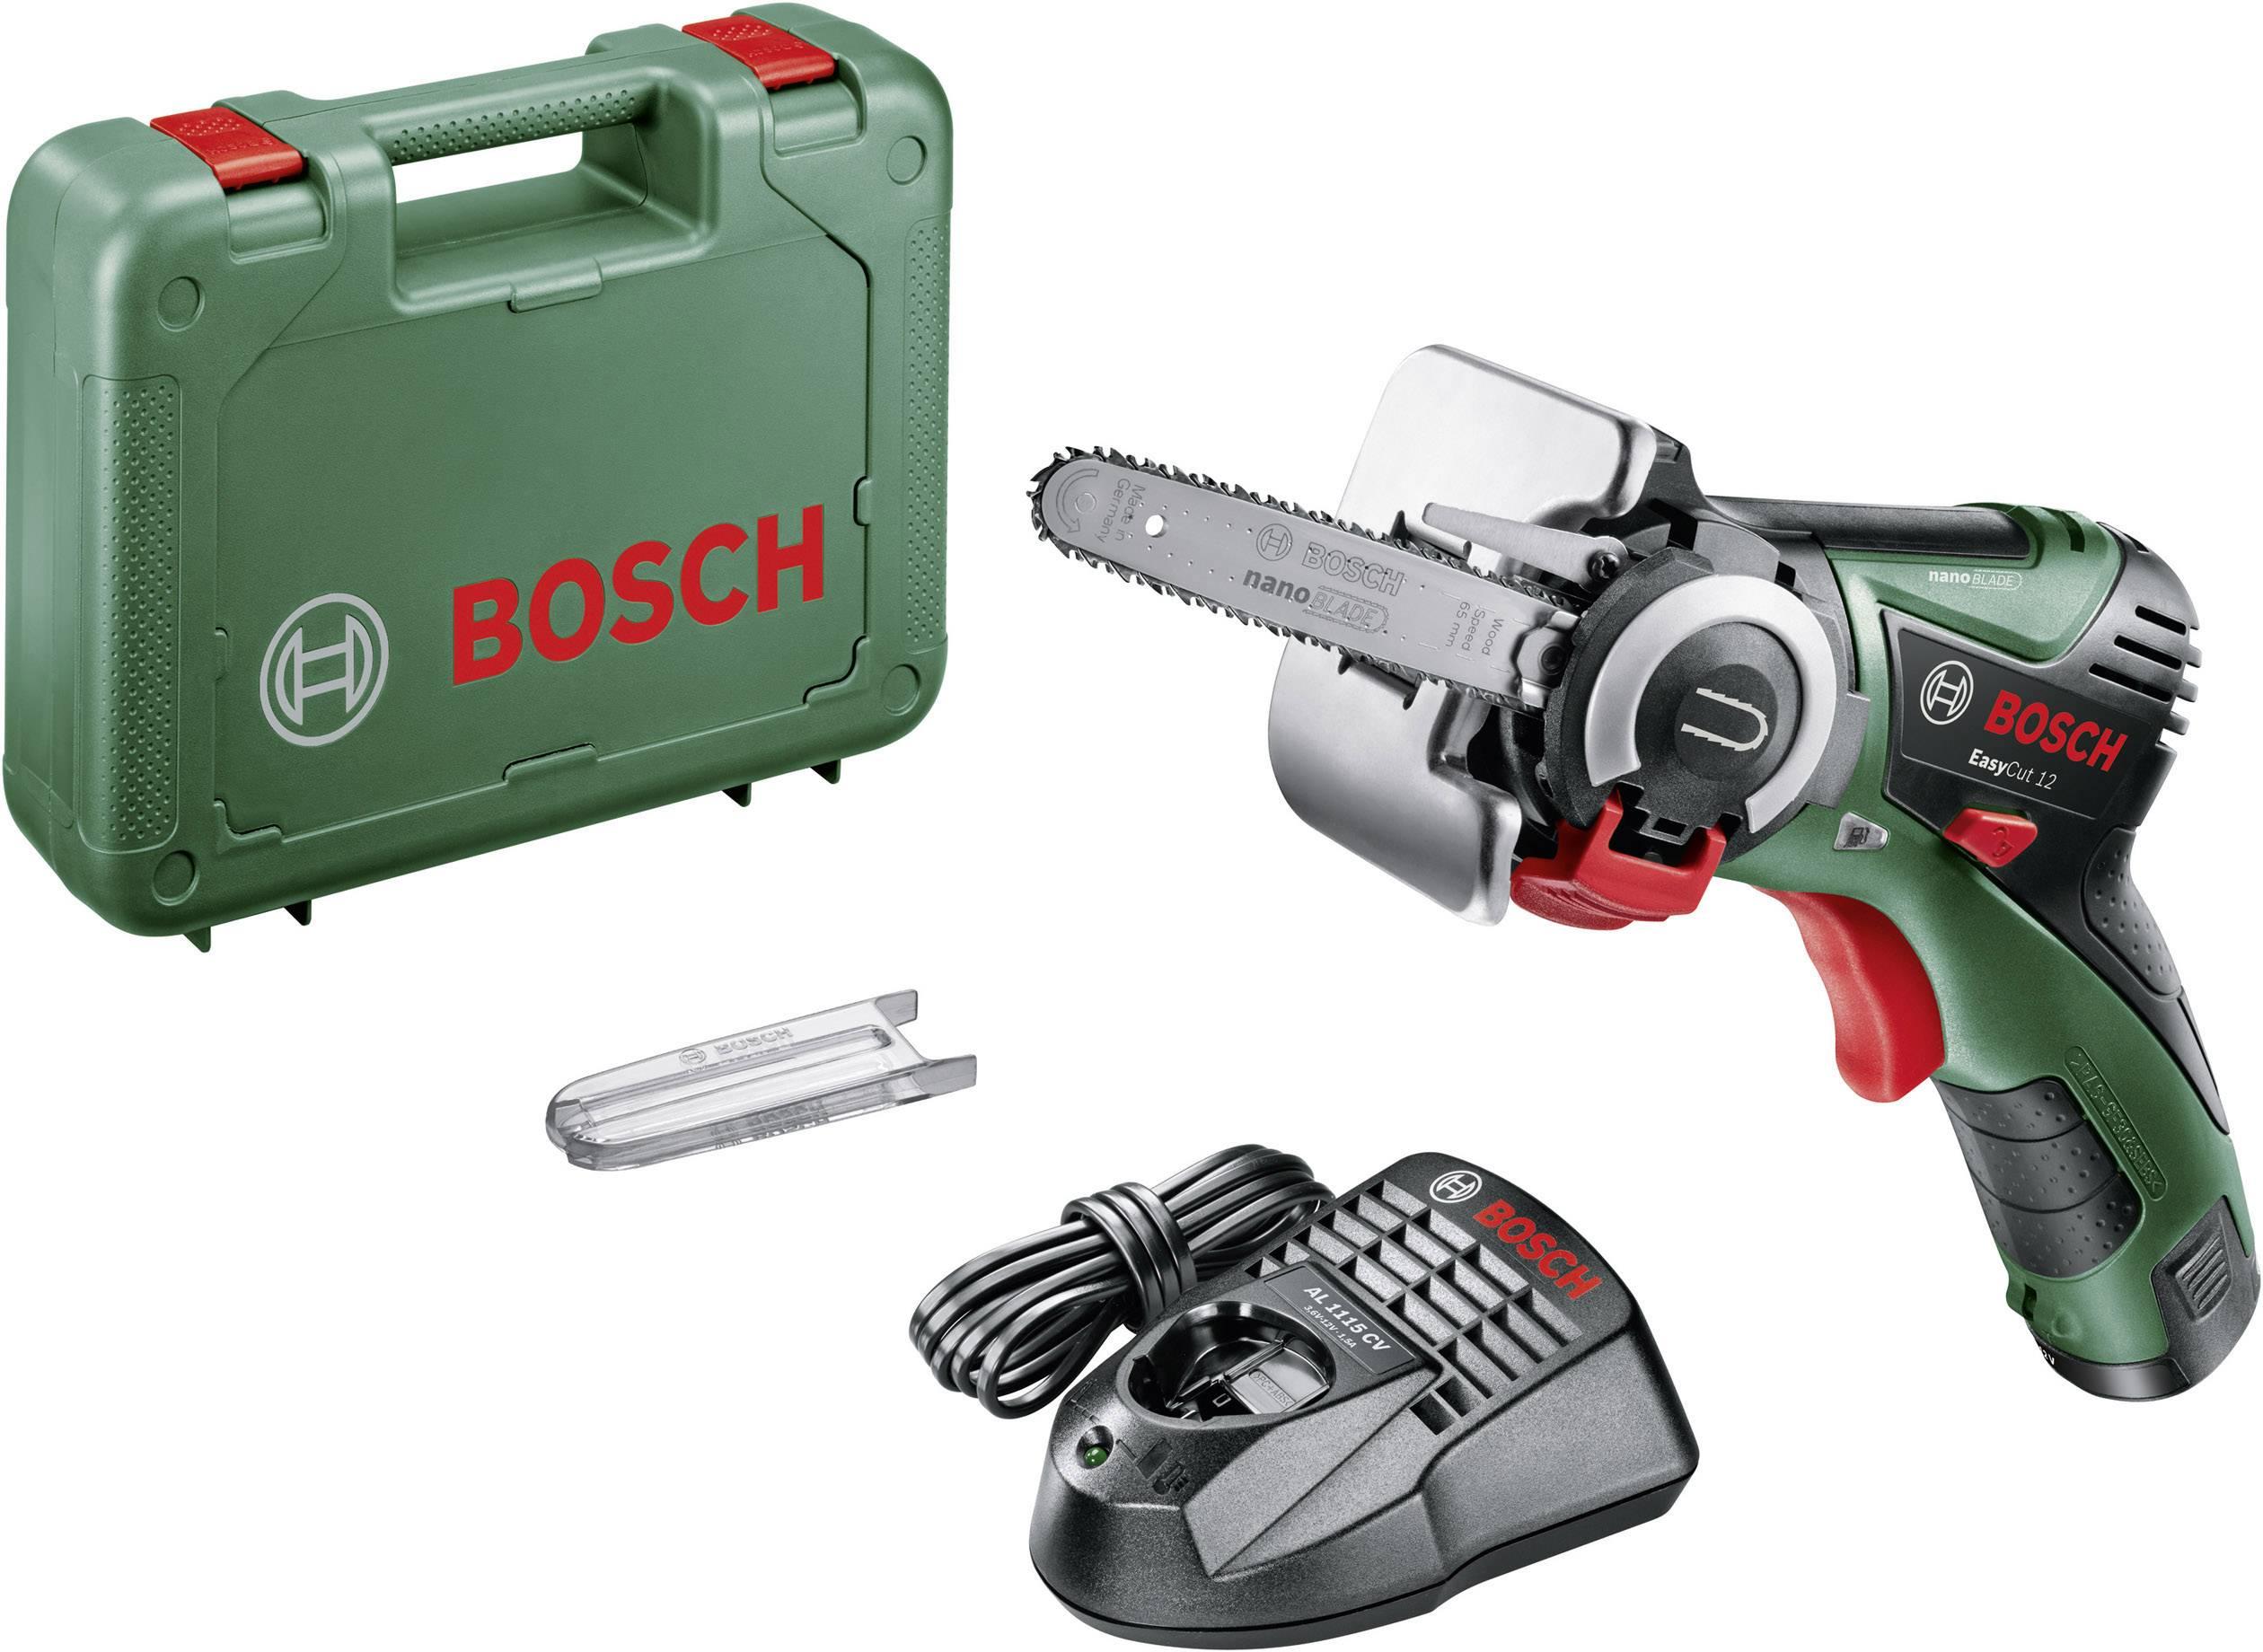 Bosch Home and Garden EasyCut 12 Akku Multisäge inkl. Akku, inkl. Koffer 12 V 2.5 Ah